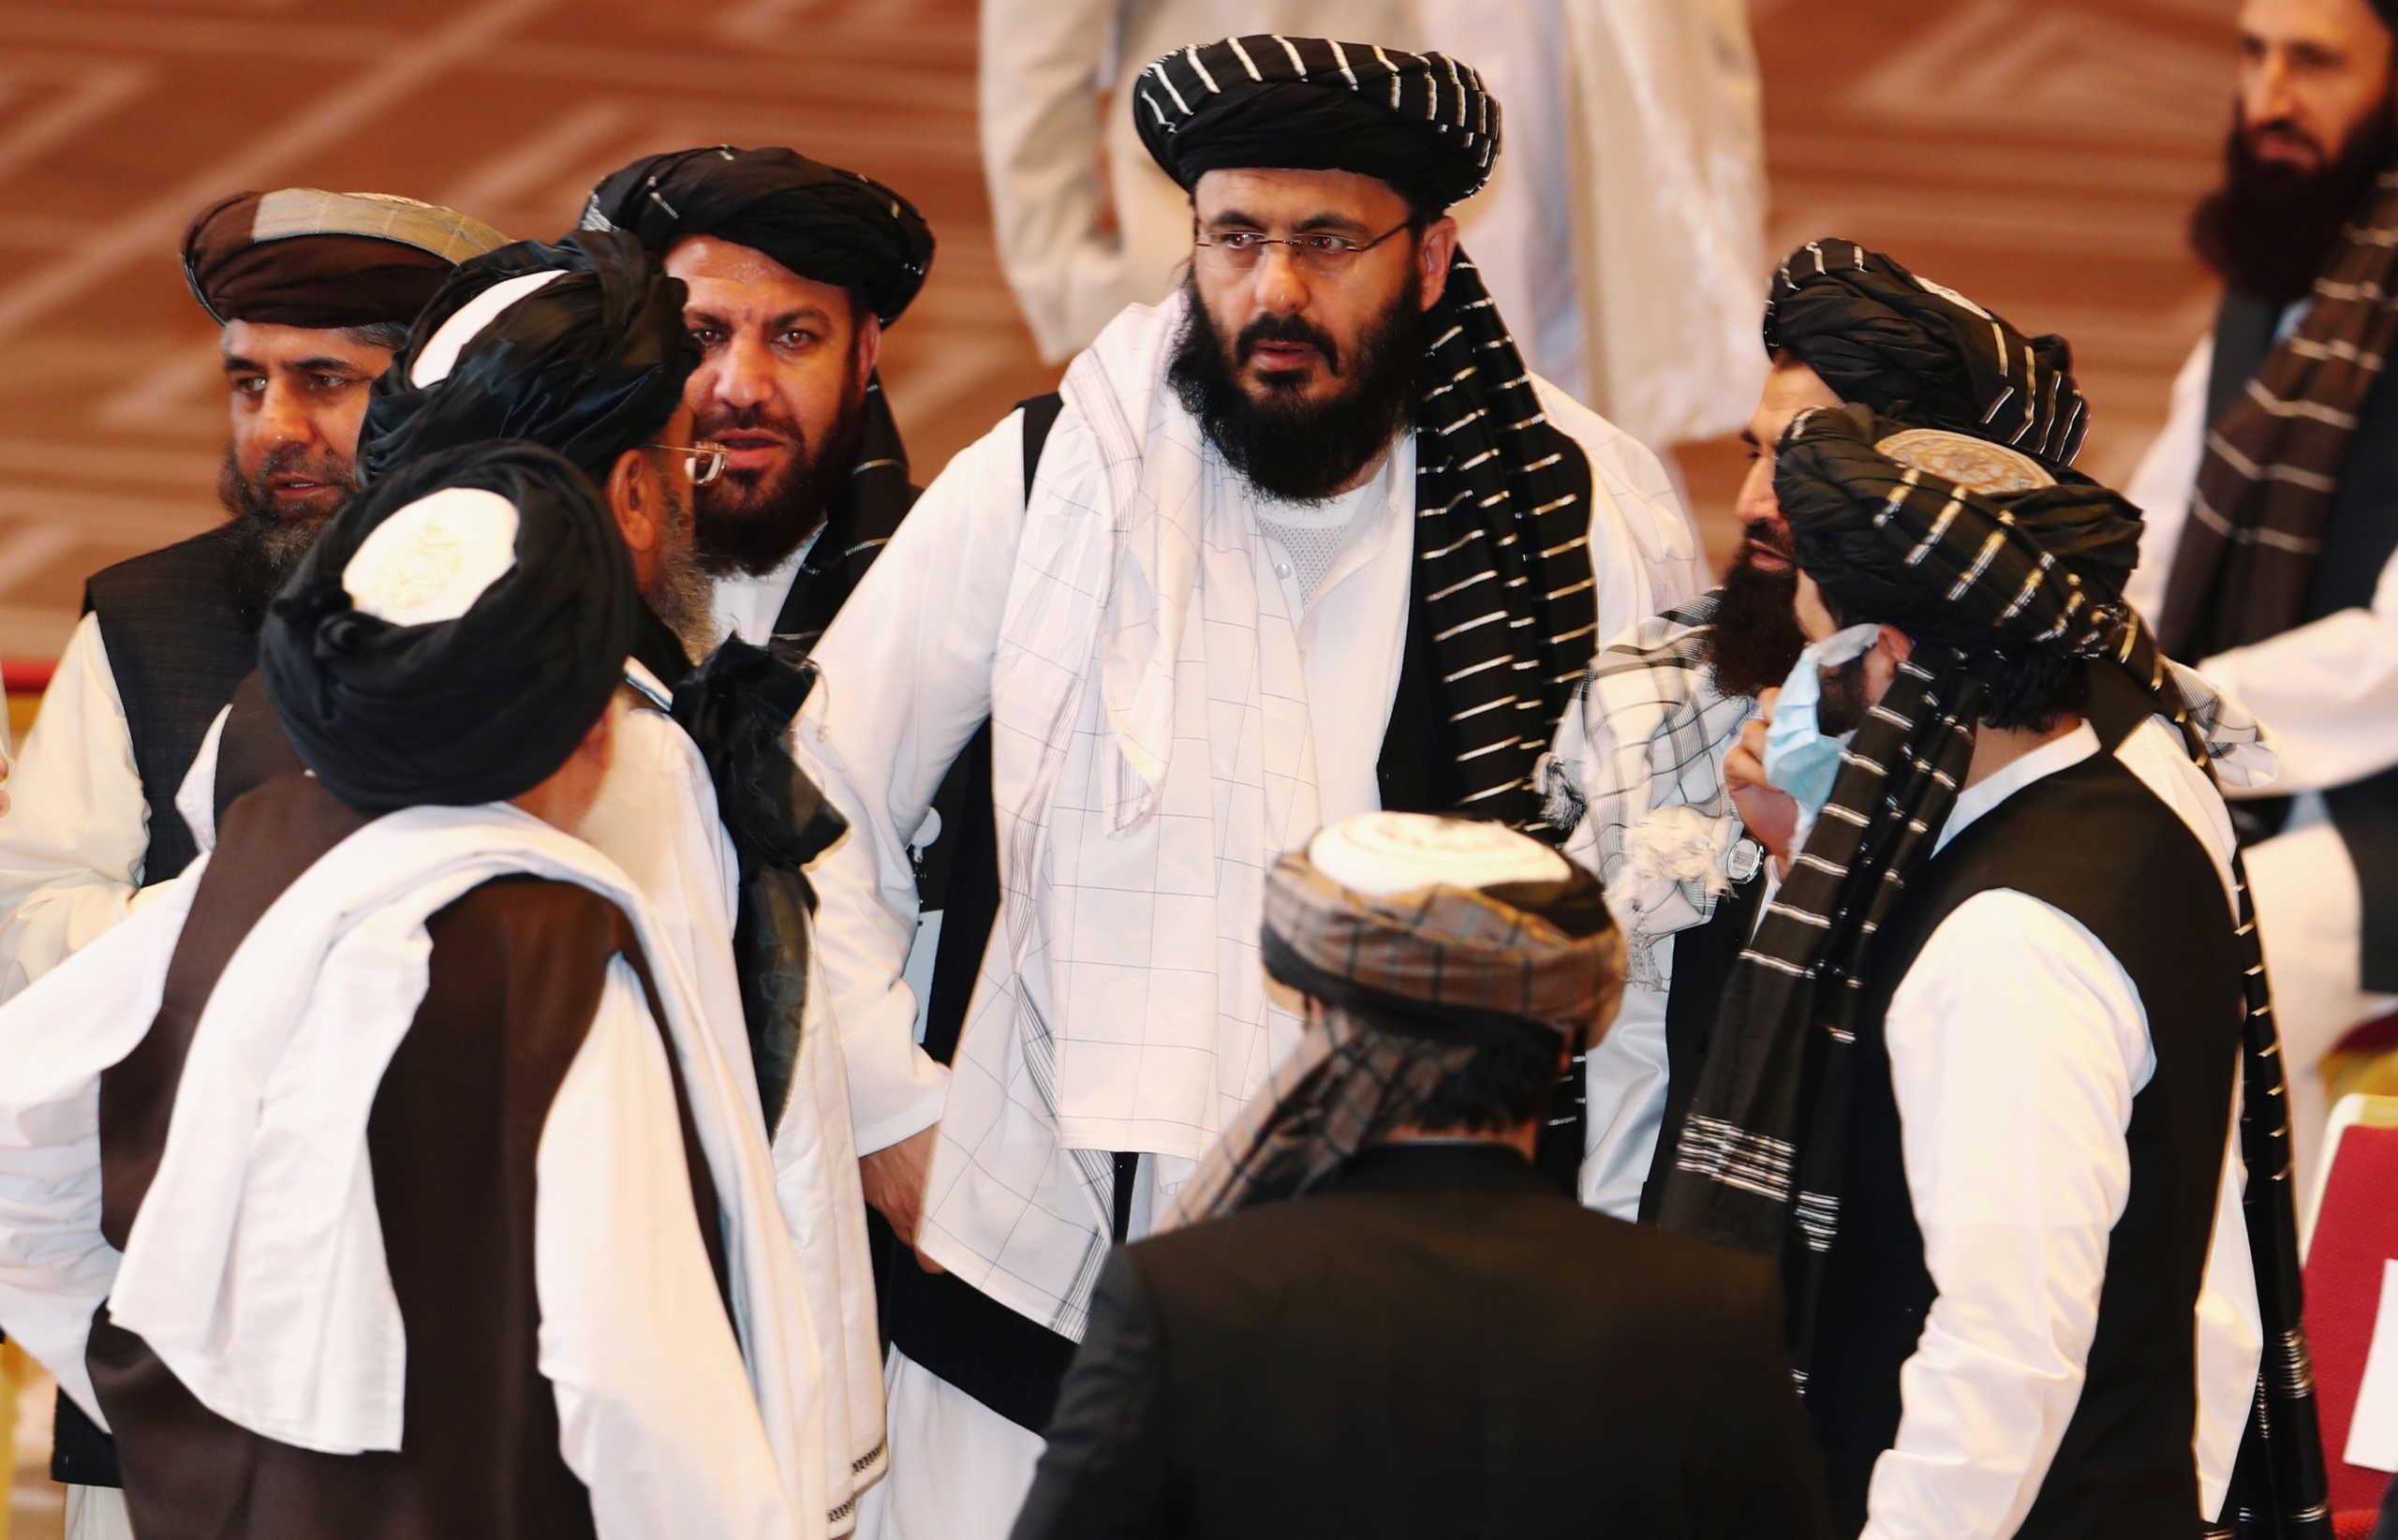 Οι Ταλιμπάν στηρίζουν τον Τραμπ για την προεδρία των ΗΠΑ